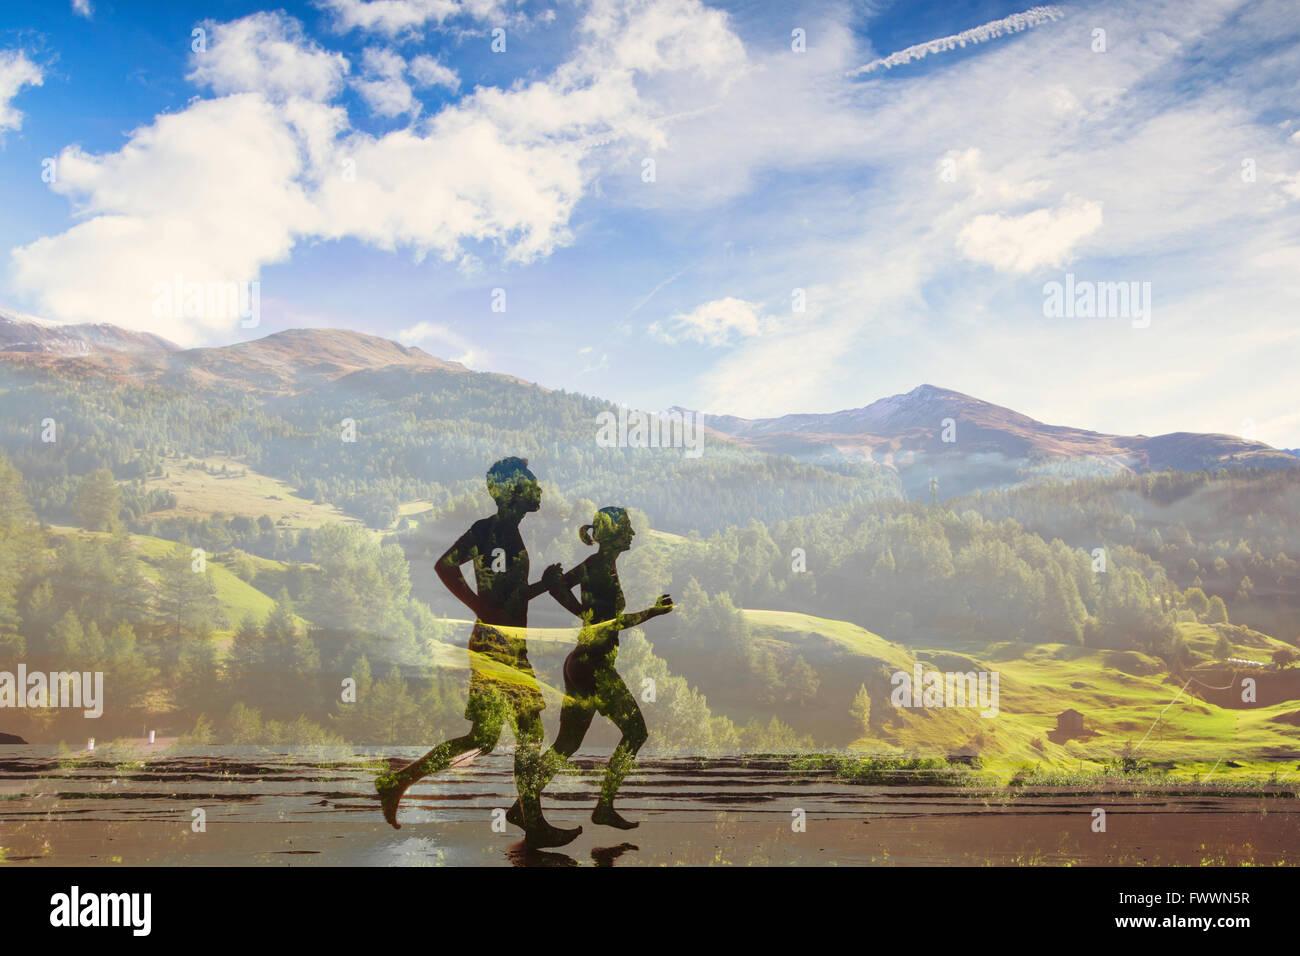 Doble exposición de dos corredores, eco trail en la competición de la naturaleza, el deporte, el triatlón o maratón Foto de stock